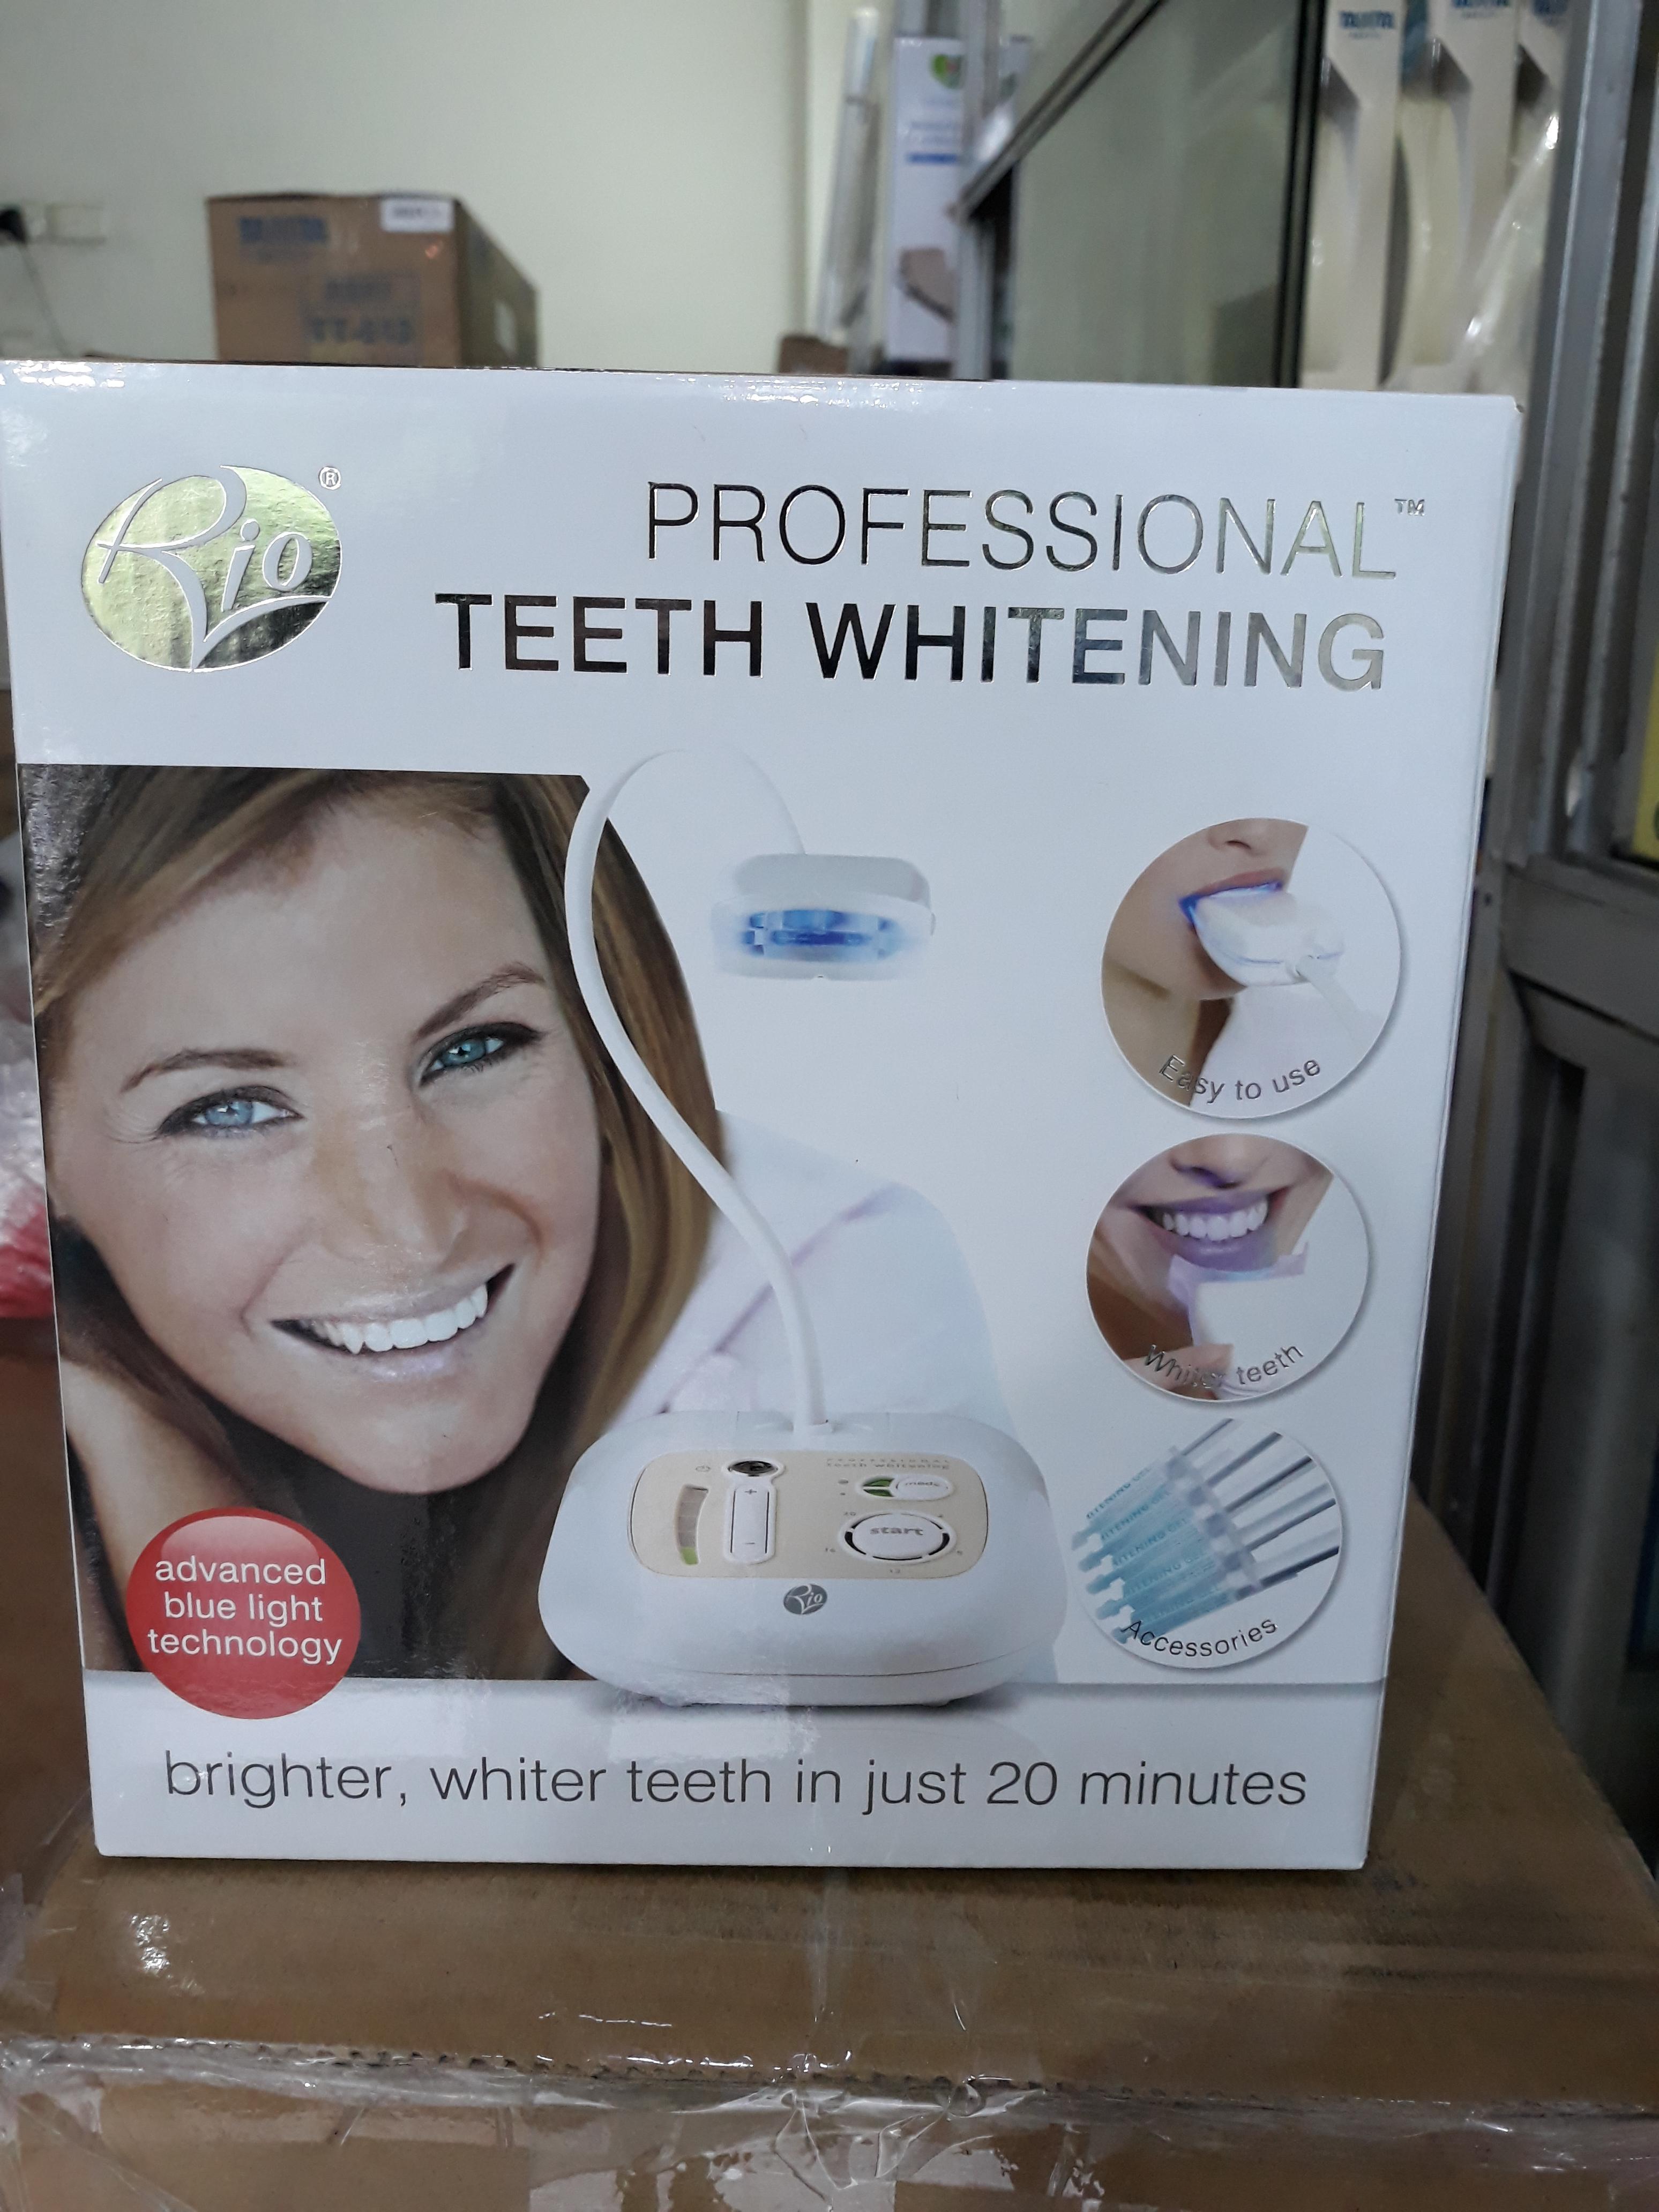 Máy làm trắng răng chuyên nghiệp